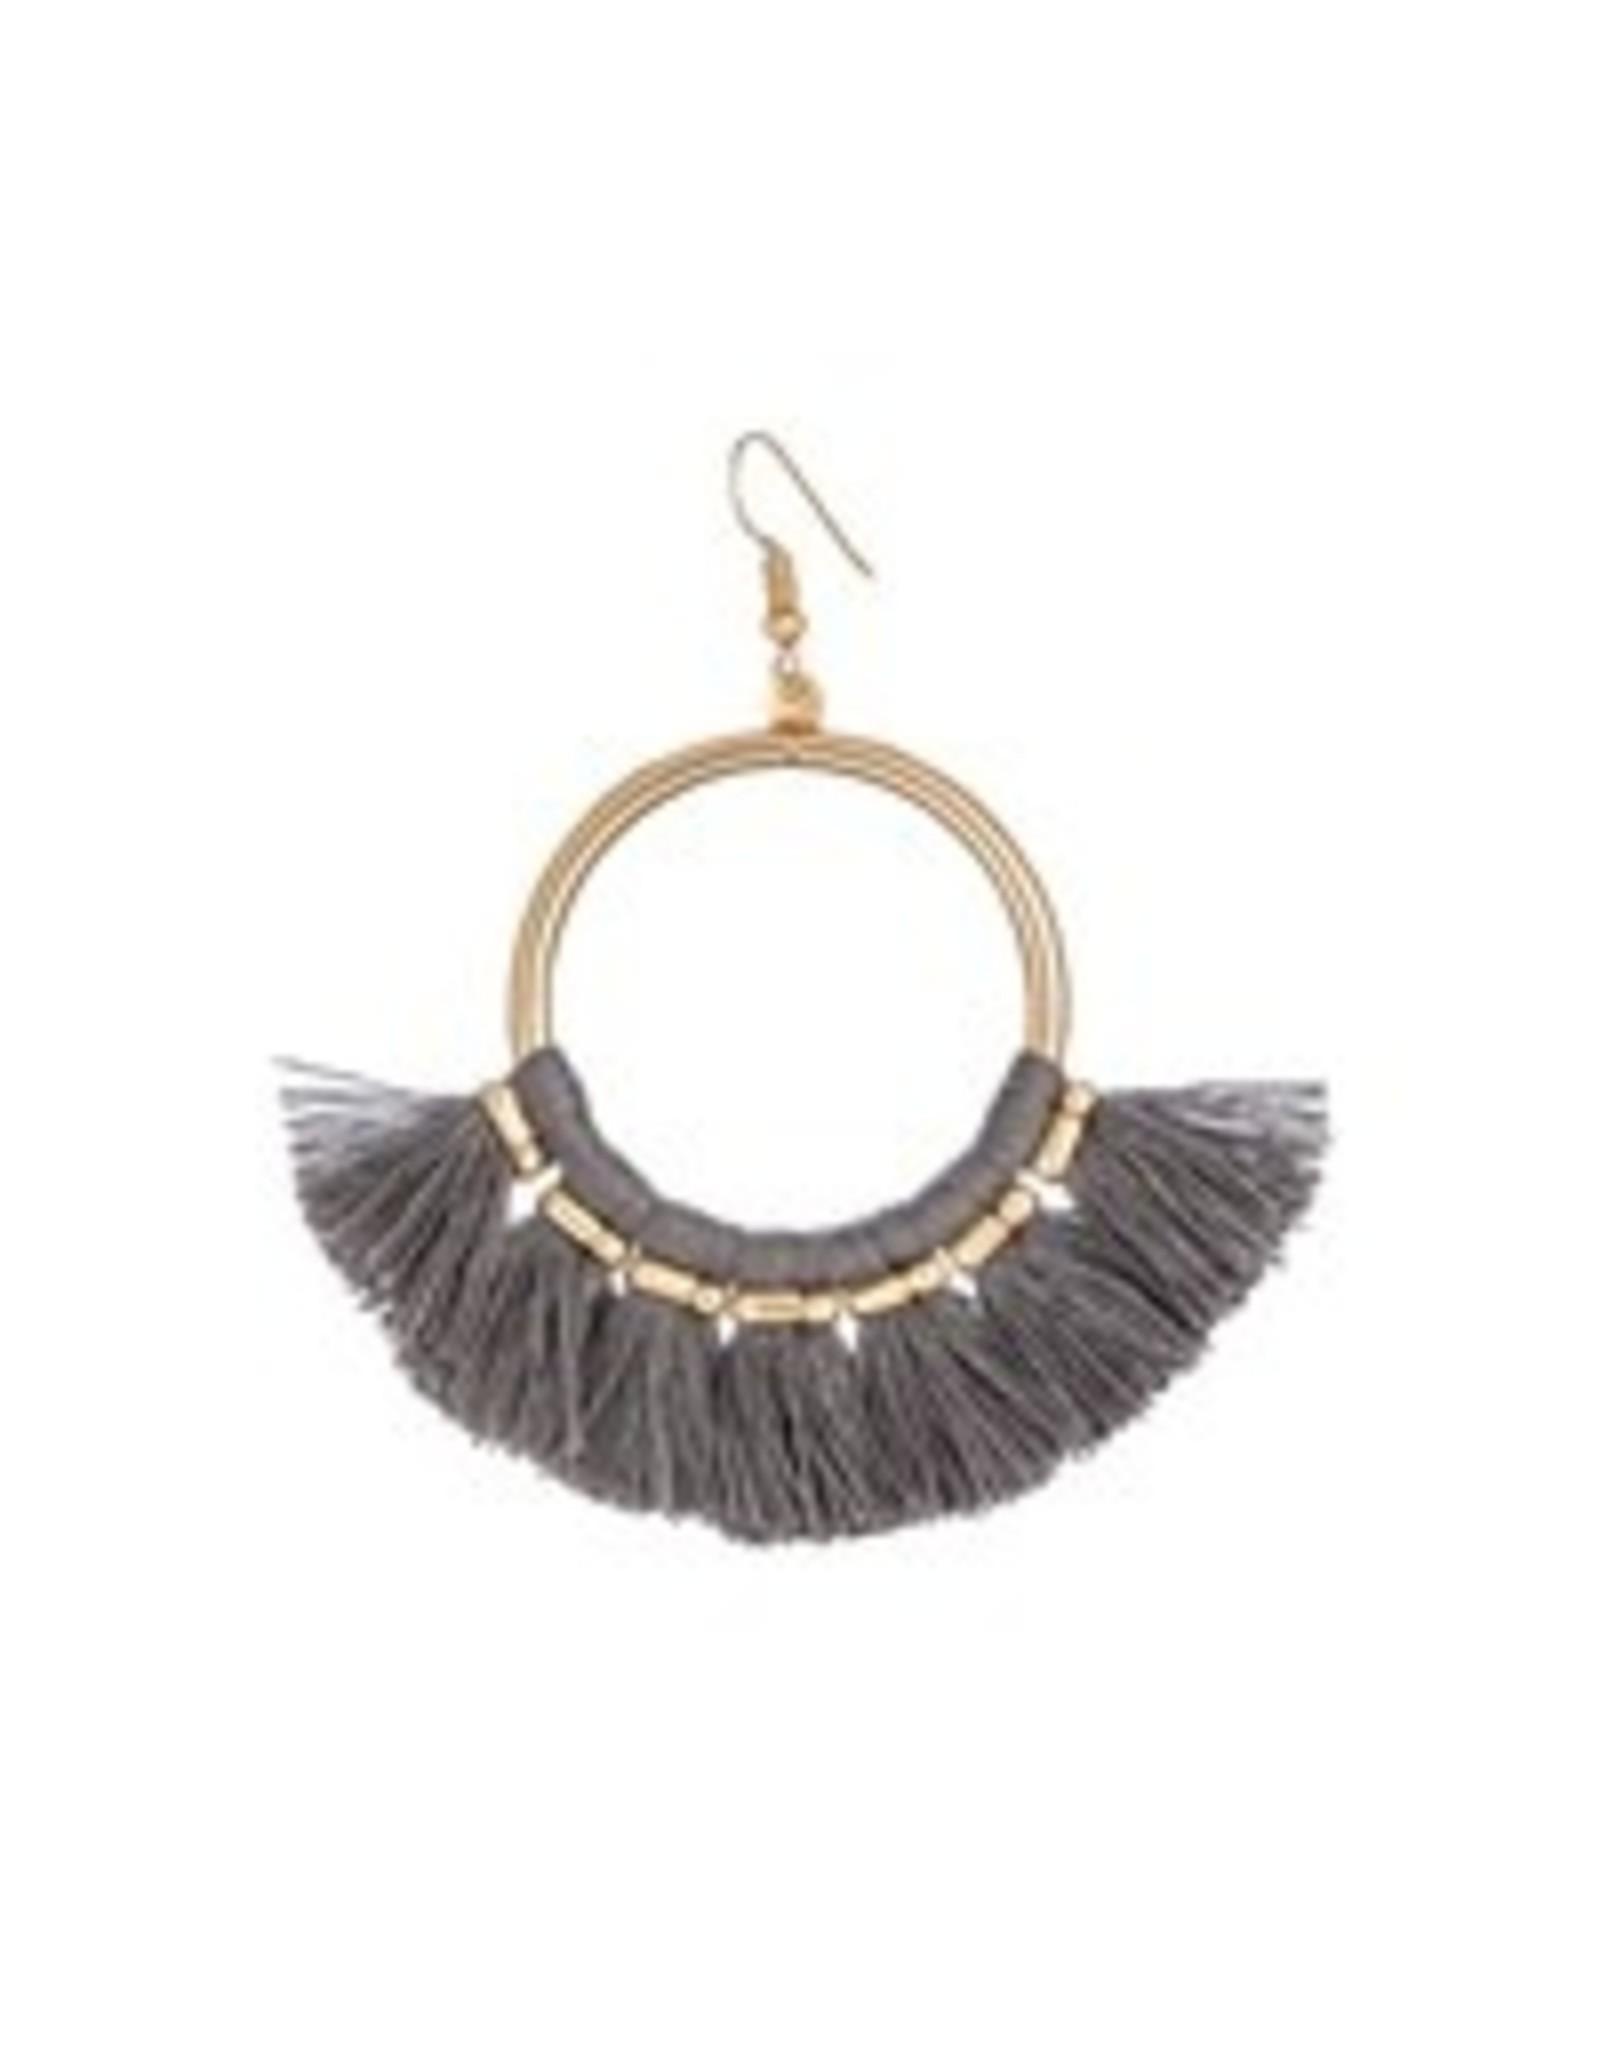 Evergreen Cha Cha Fringe Earrings